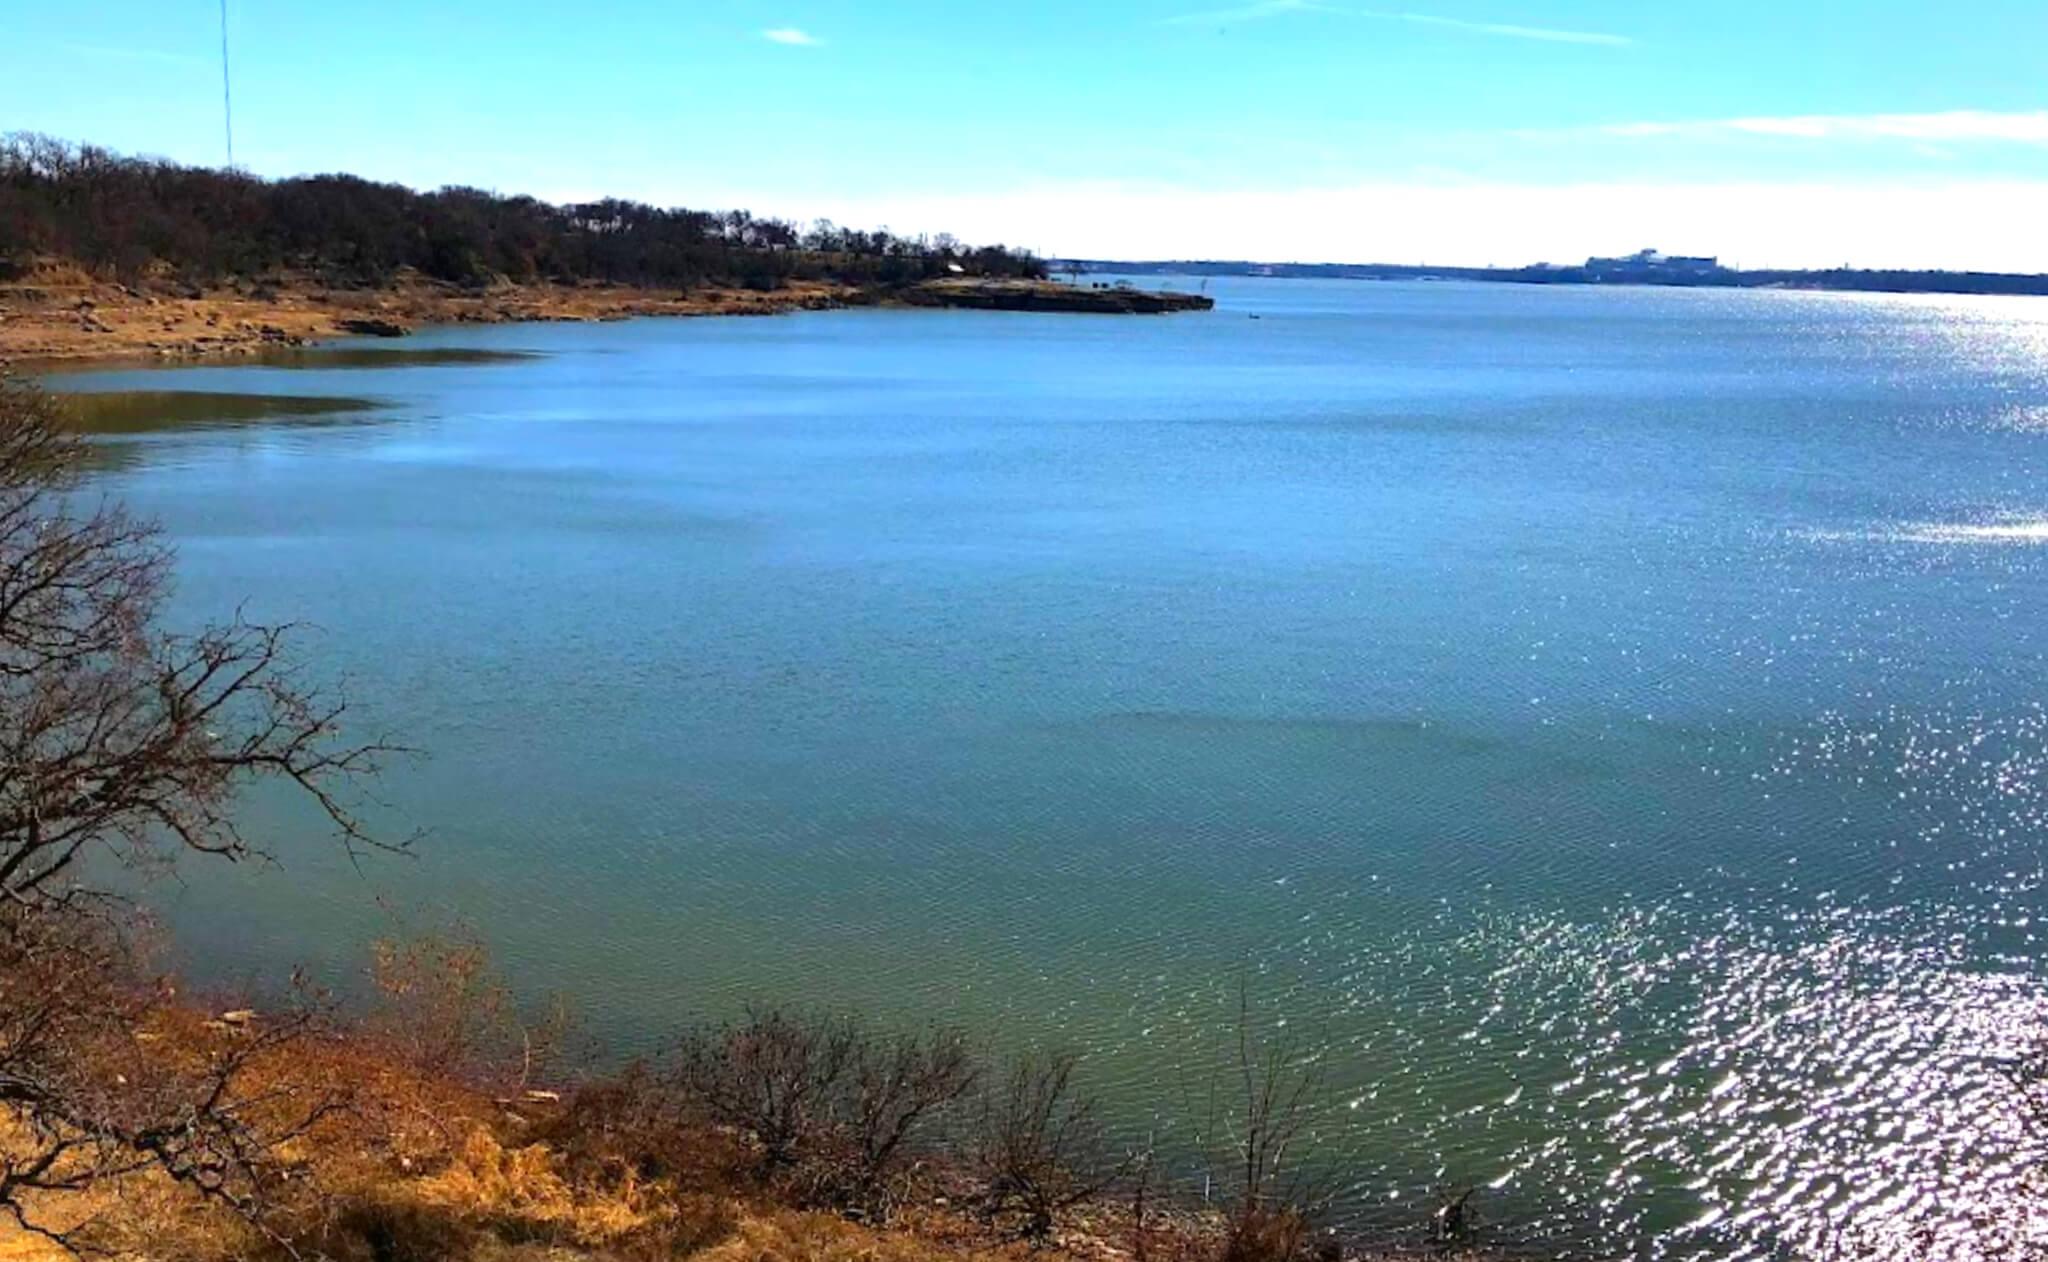 Grapevine-Lake-Fishing-Report-Guide-Texas-TX-04